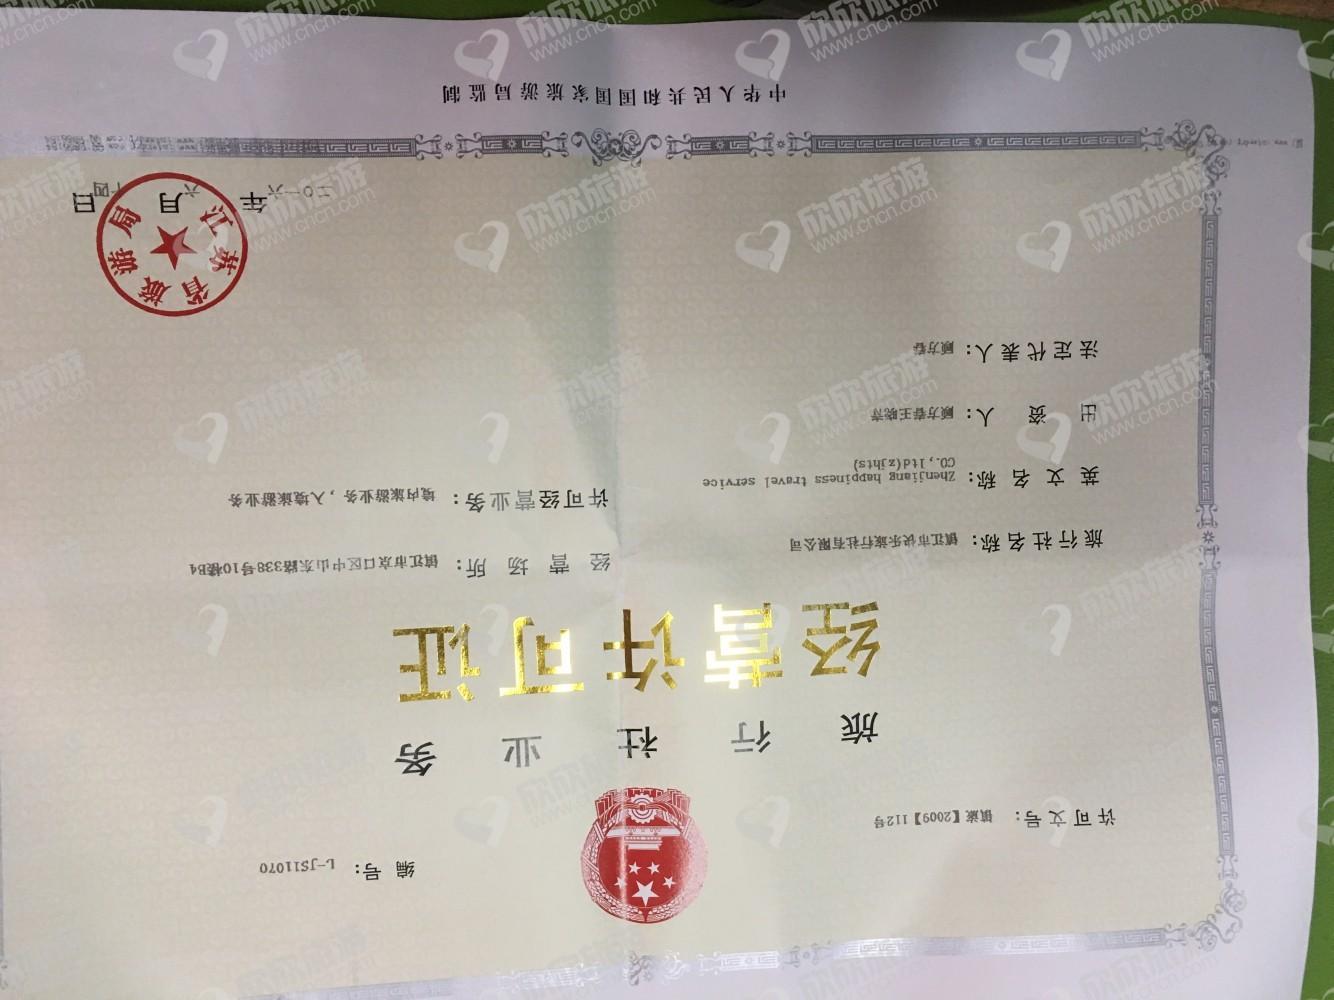 镇江市快乐旅行社有限公司经营许可证